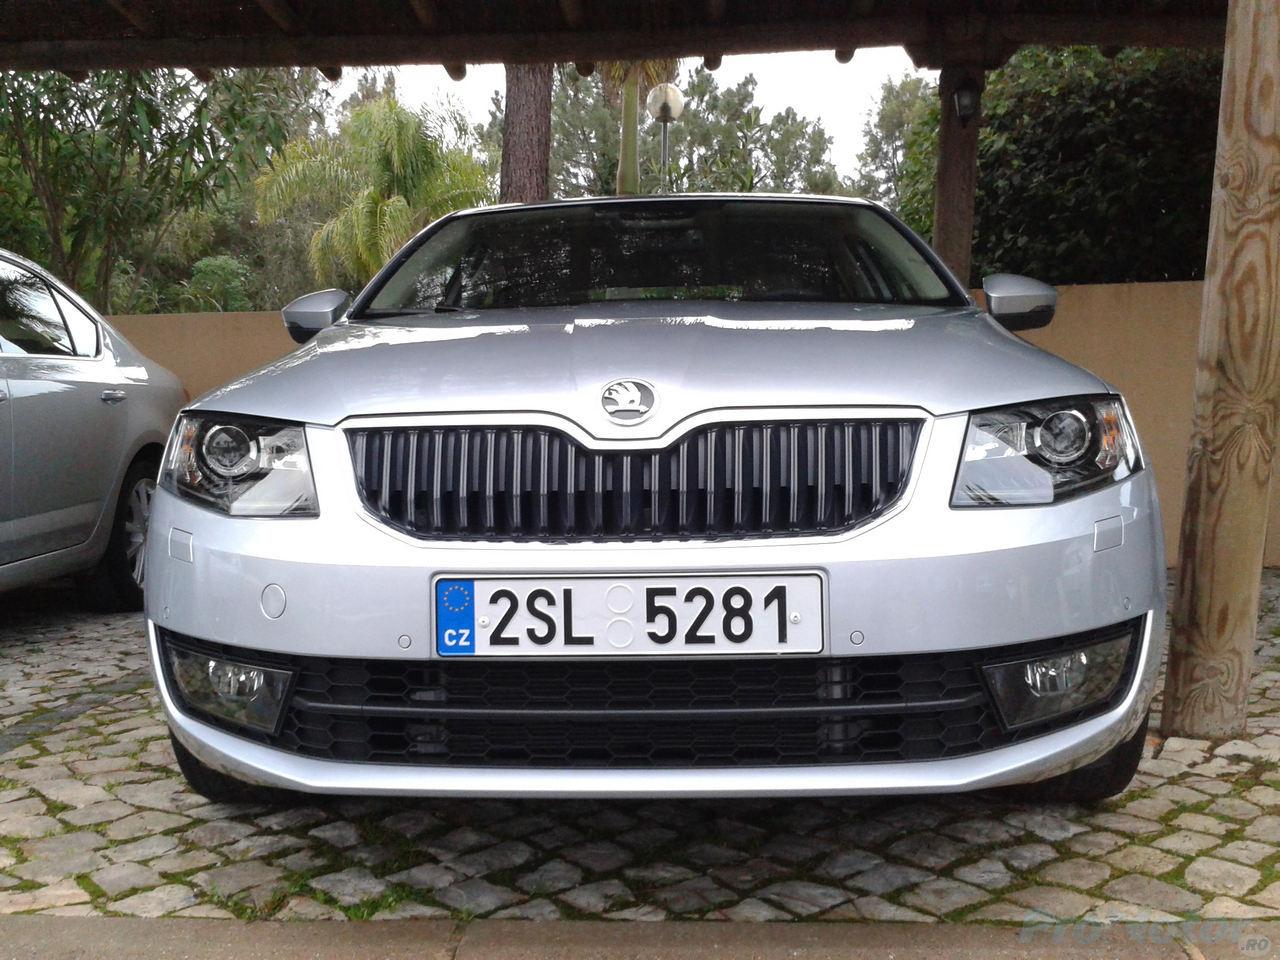 Skoda Octavia 3 front